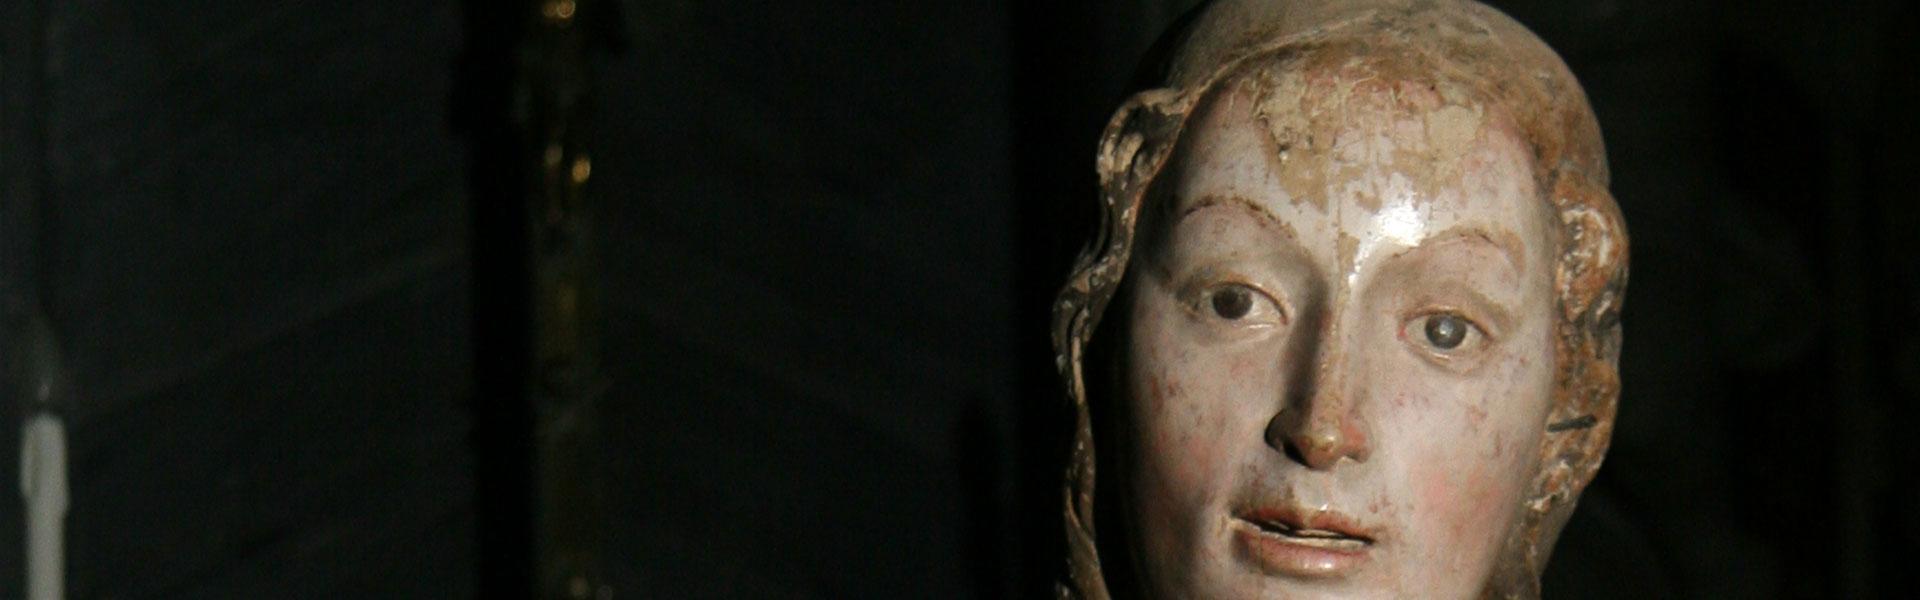 La Statua del Mantegna